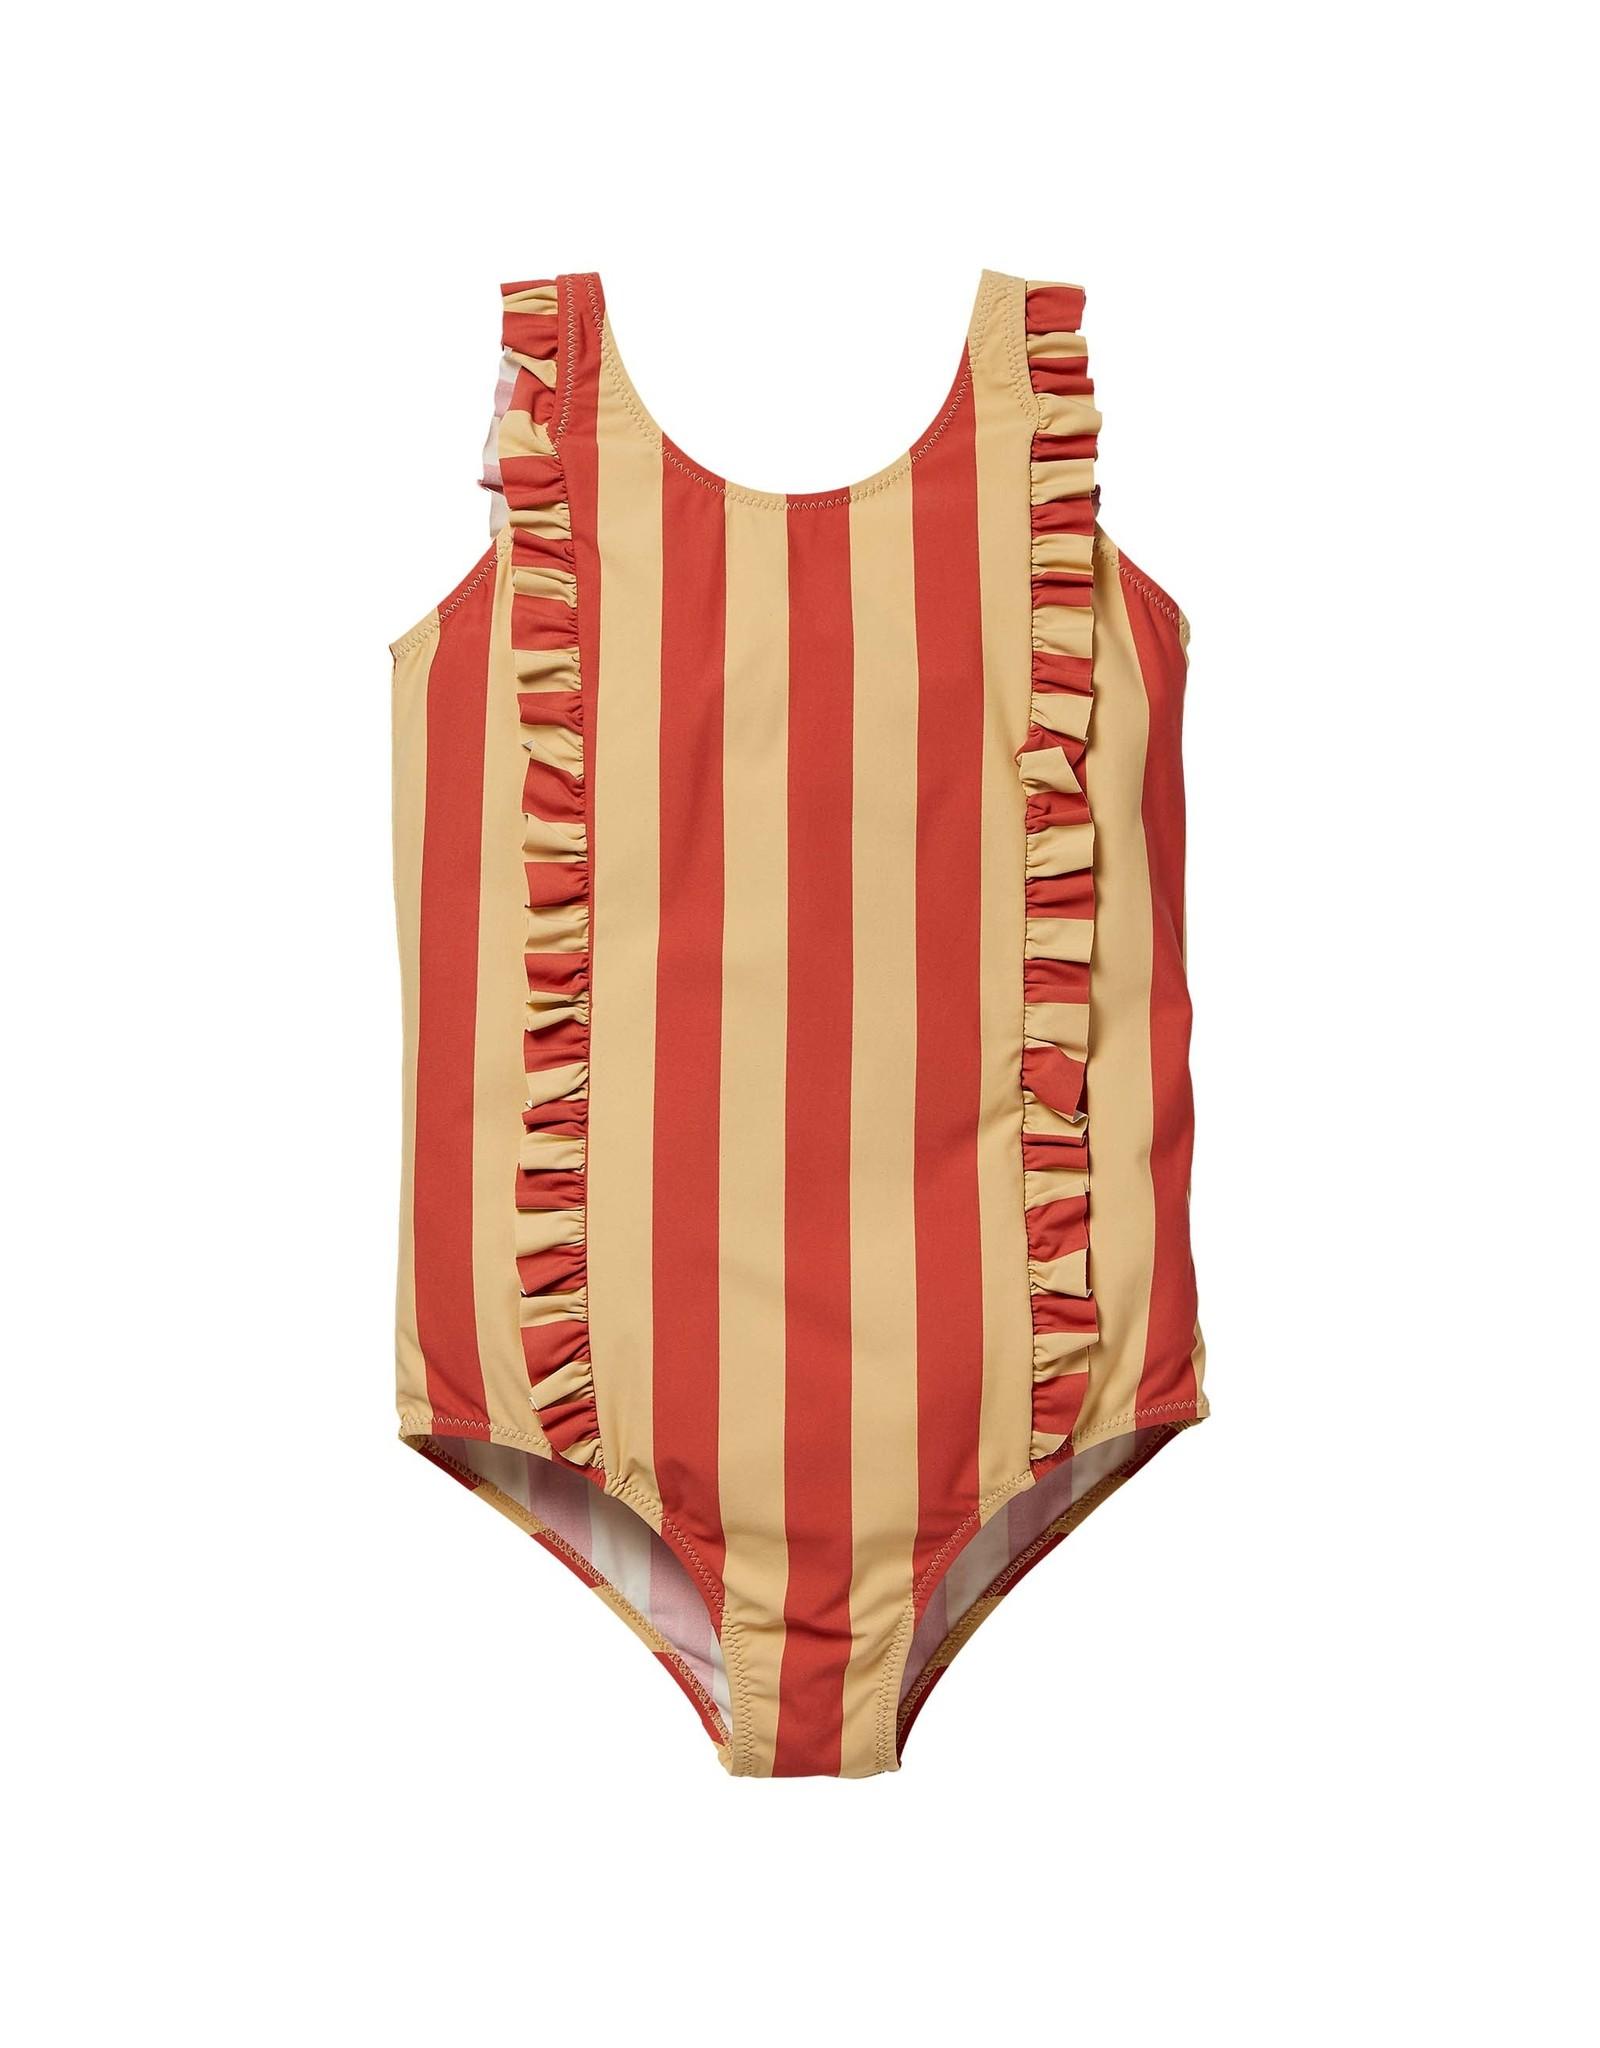 LEVV Levv meisjes badpak Noura Stone Red Stripe